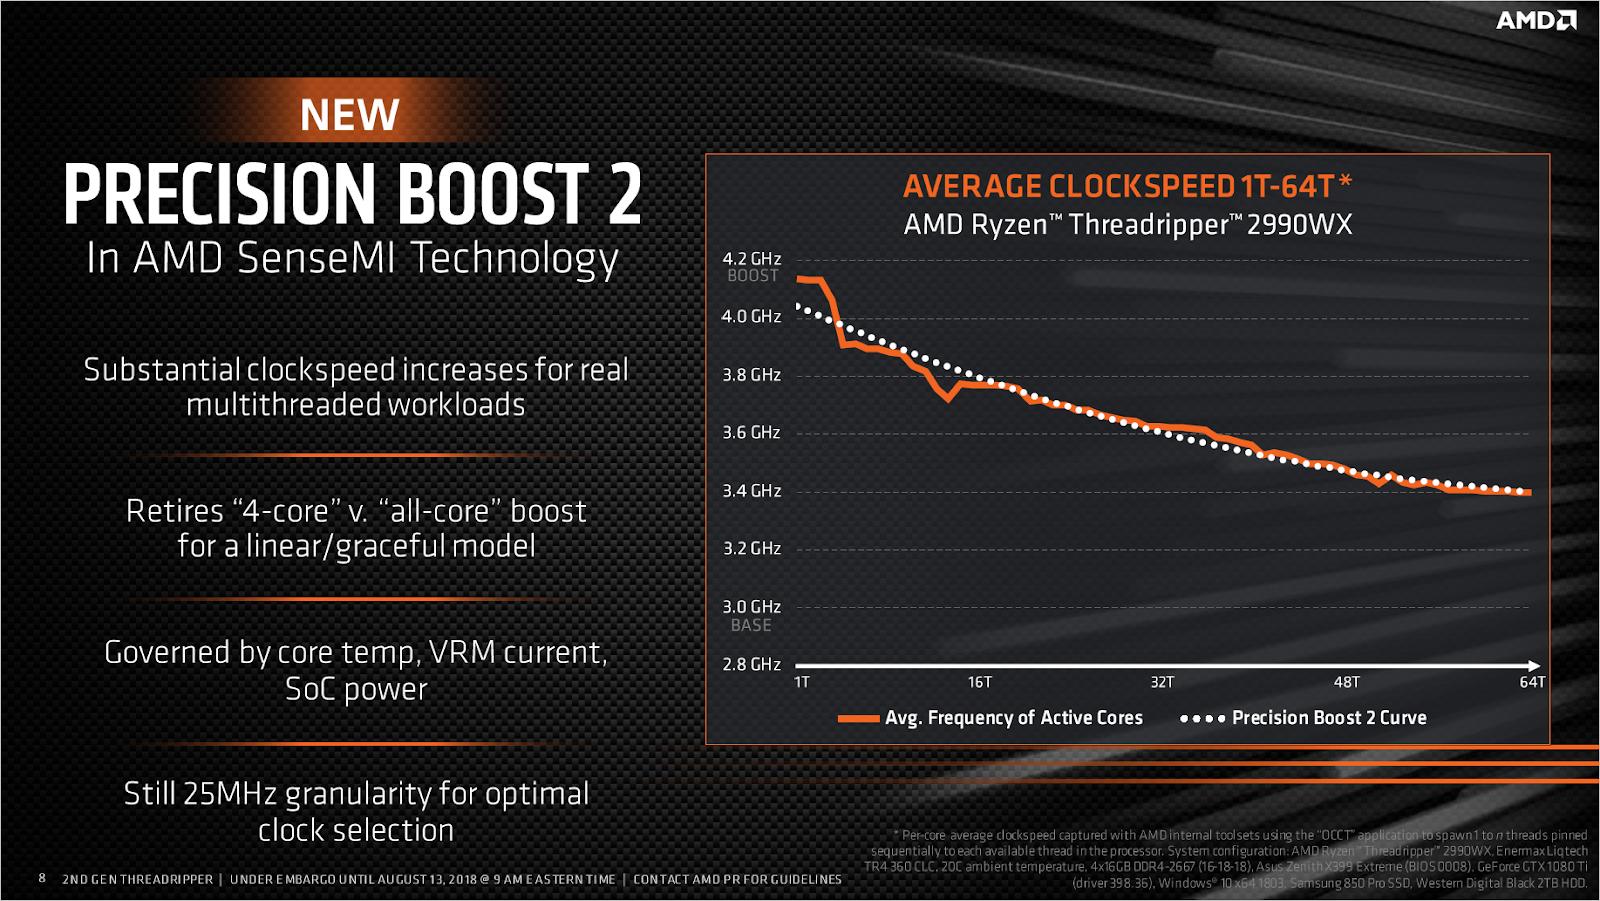 【心得】AMD Ryzen Threadripper 2990WX 32 核巨獸 @電腦應用綜合討論 哈啦板 - 巴哈姆特